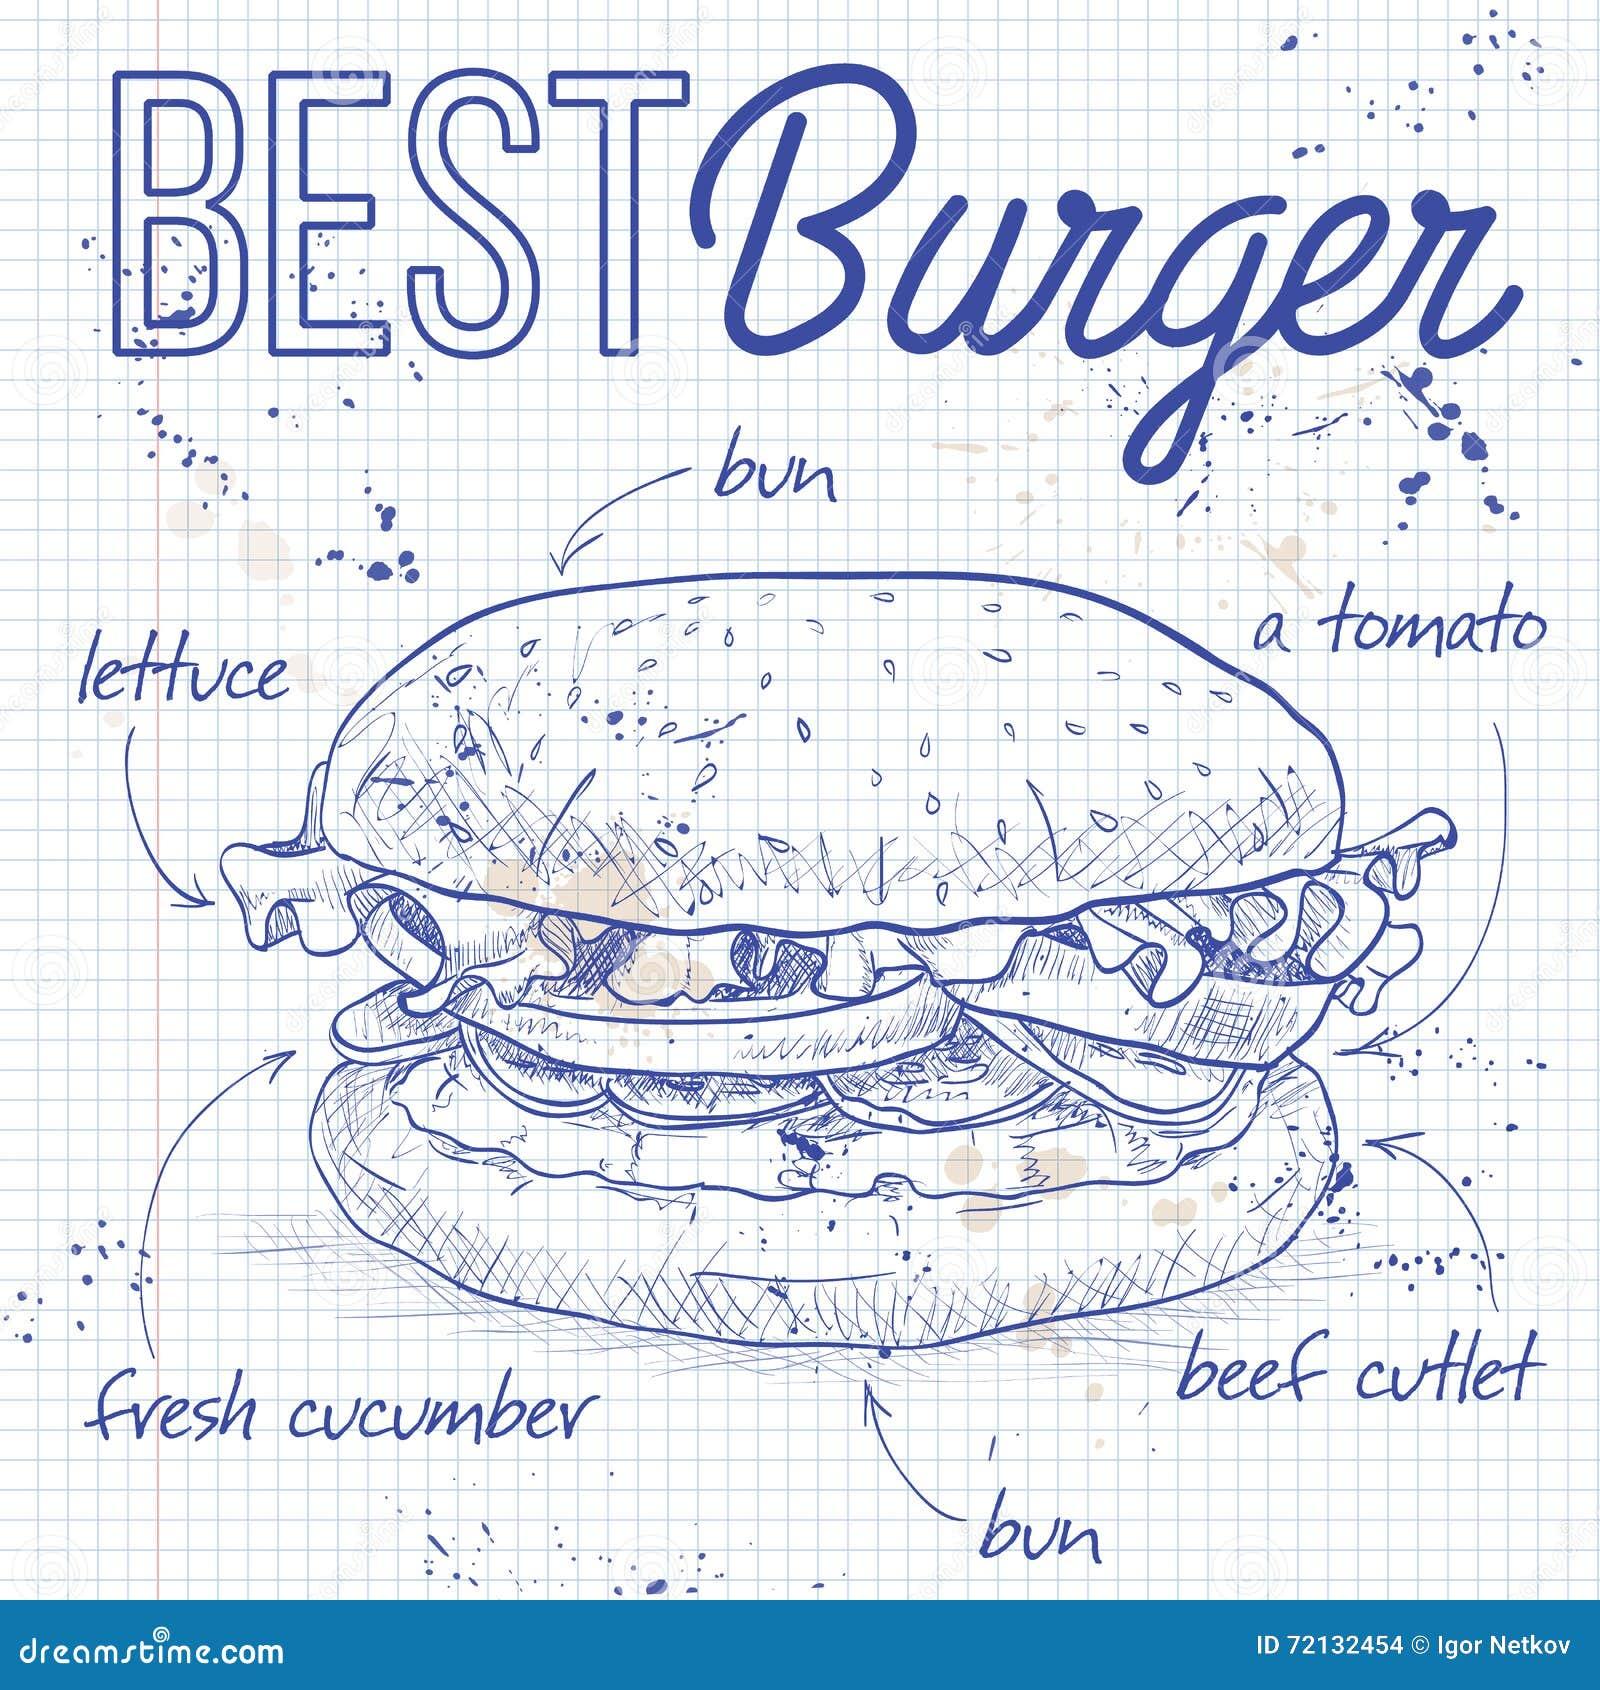 Burgerrezept auf einer Notizbuchseite